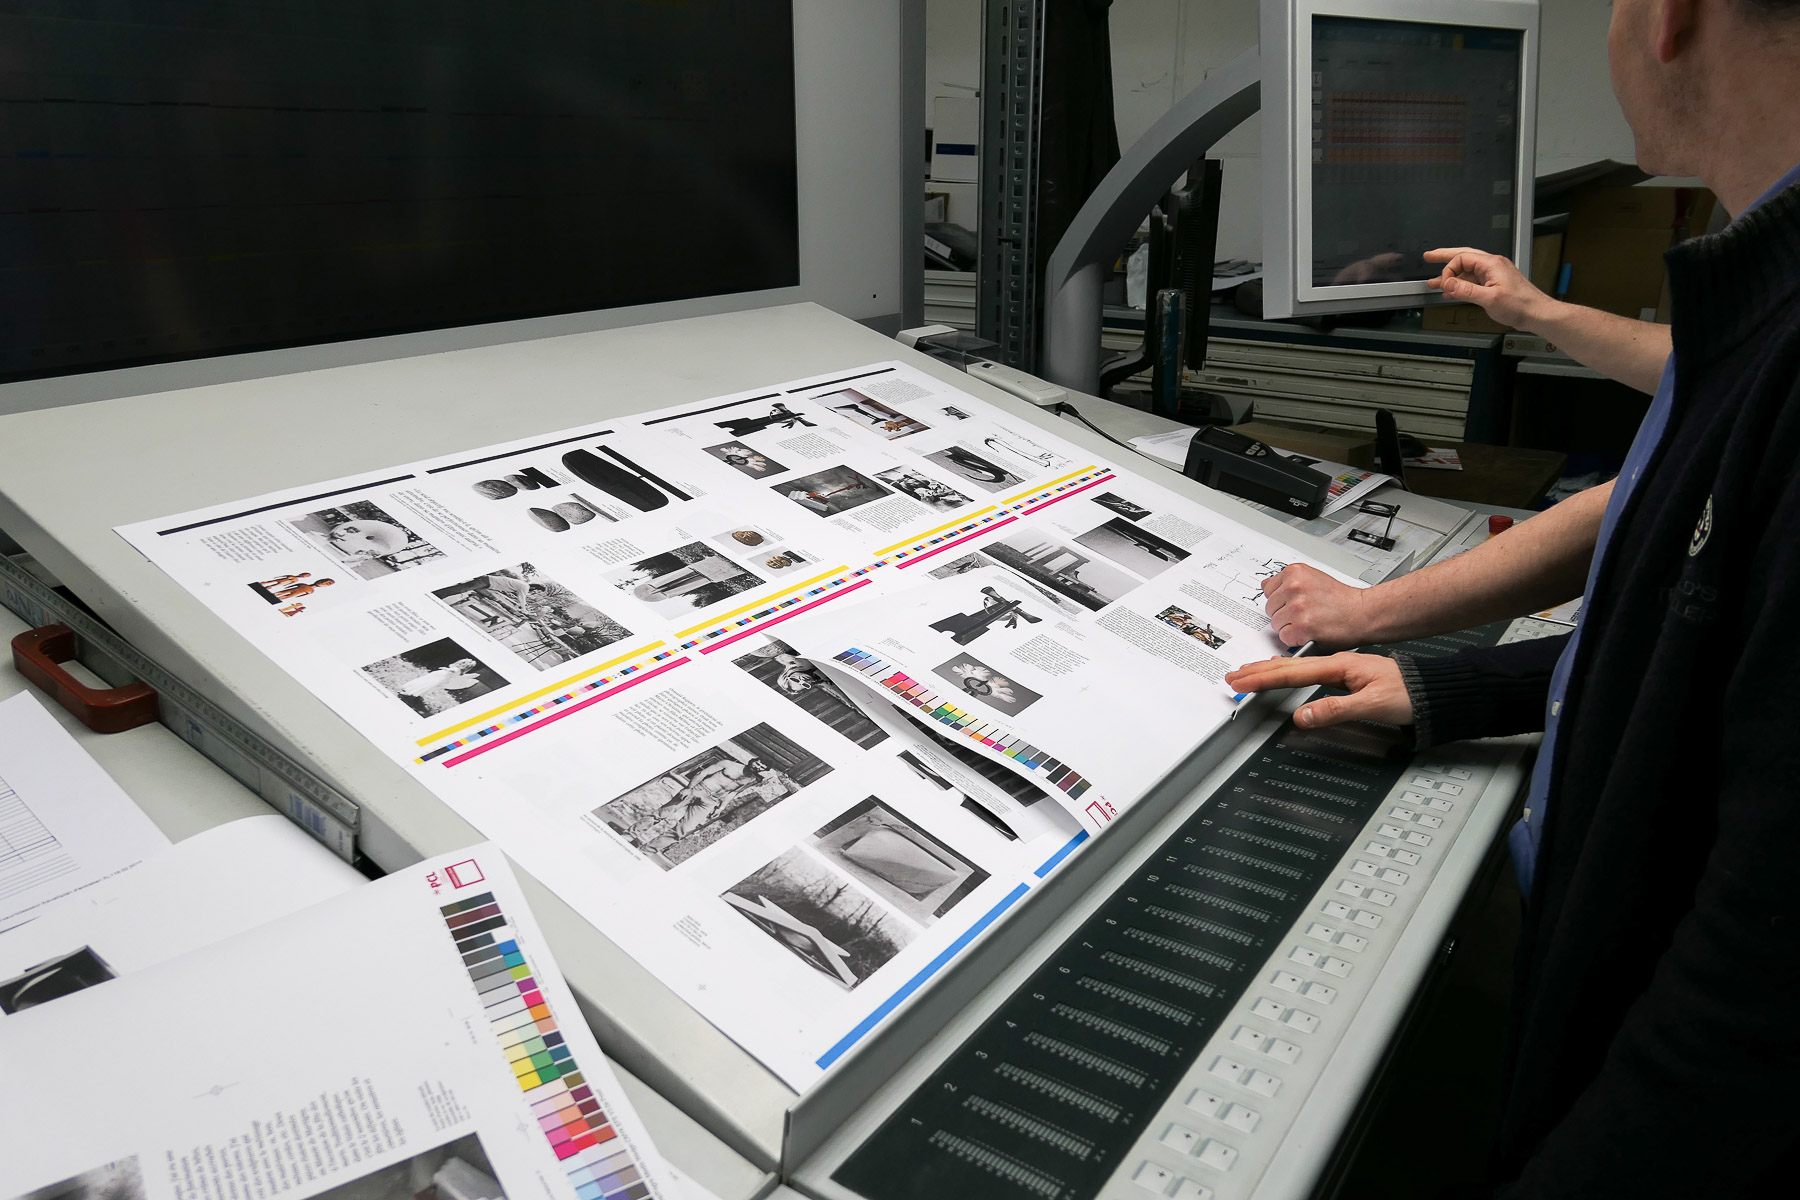 L'imprimeur et l'éditeur discutent les tons des feuilles imprimées à l'essai. Cette étape est importante, afin d'assurer la qualité d'impression.